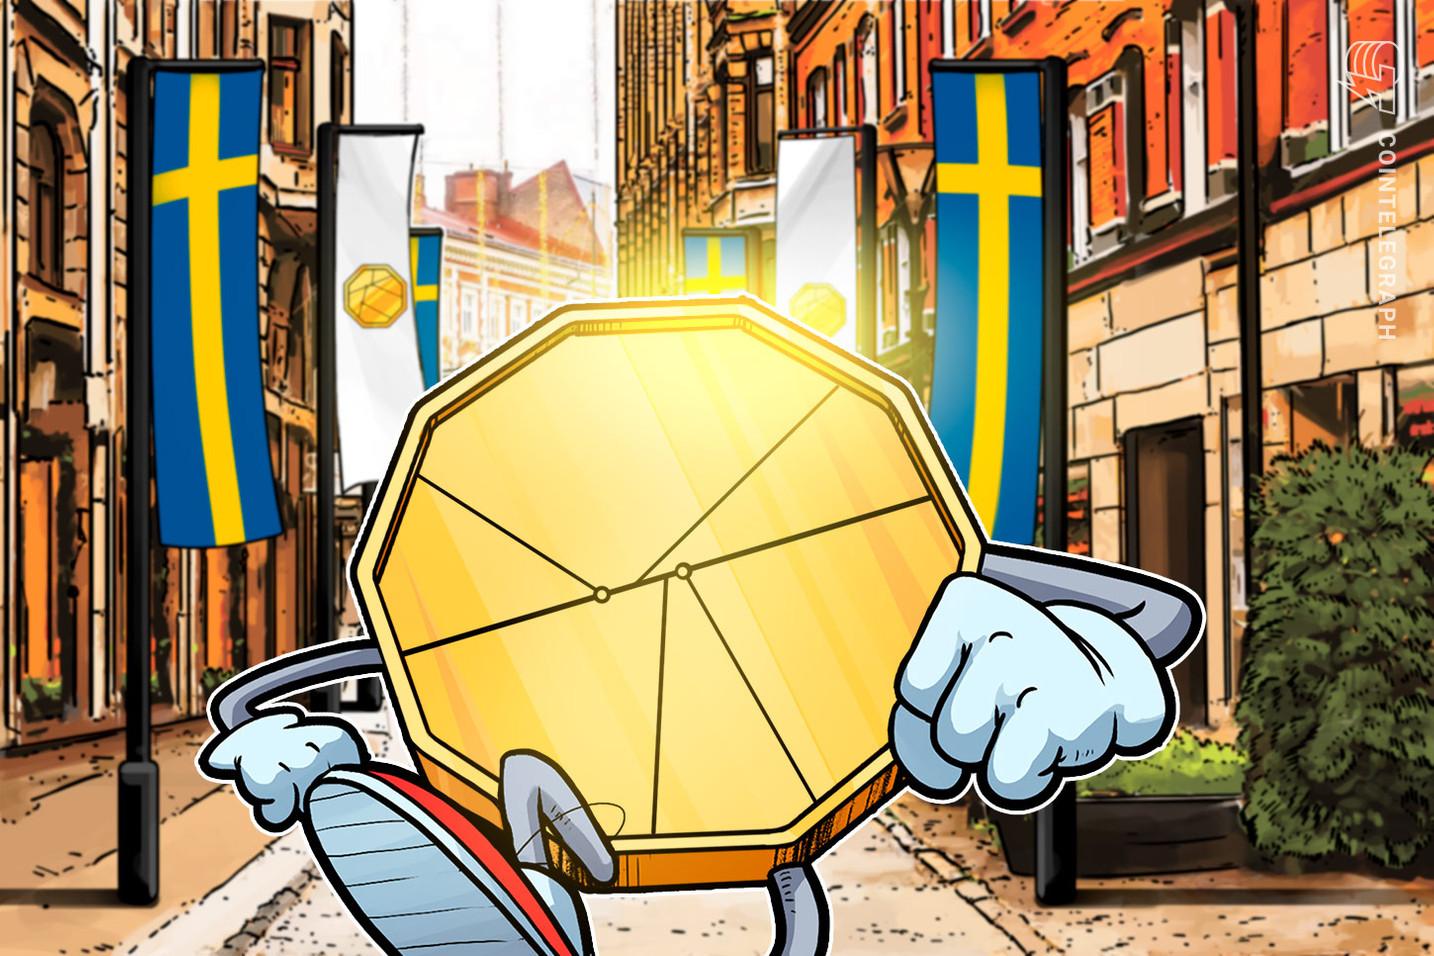 La Svezia sta esaminando una potenziale transizione verso la CBDC e-krona